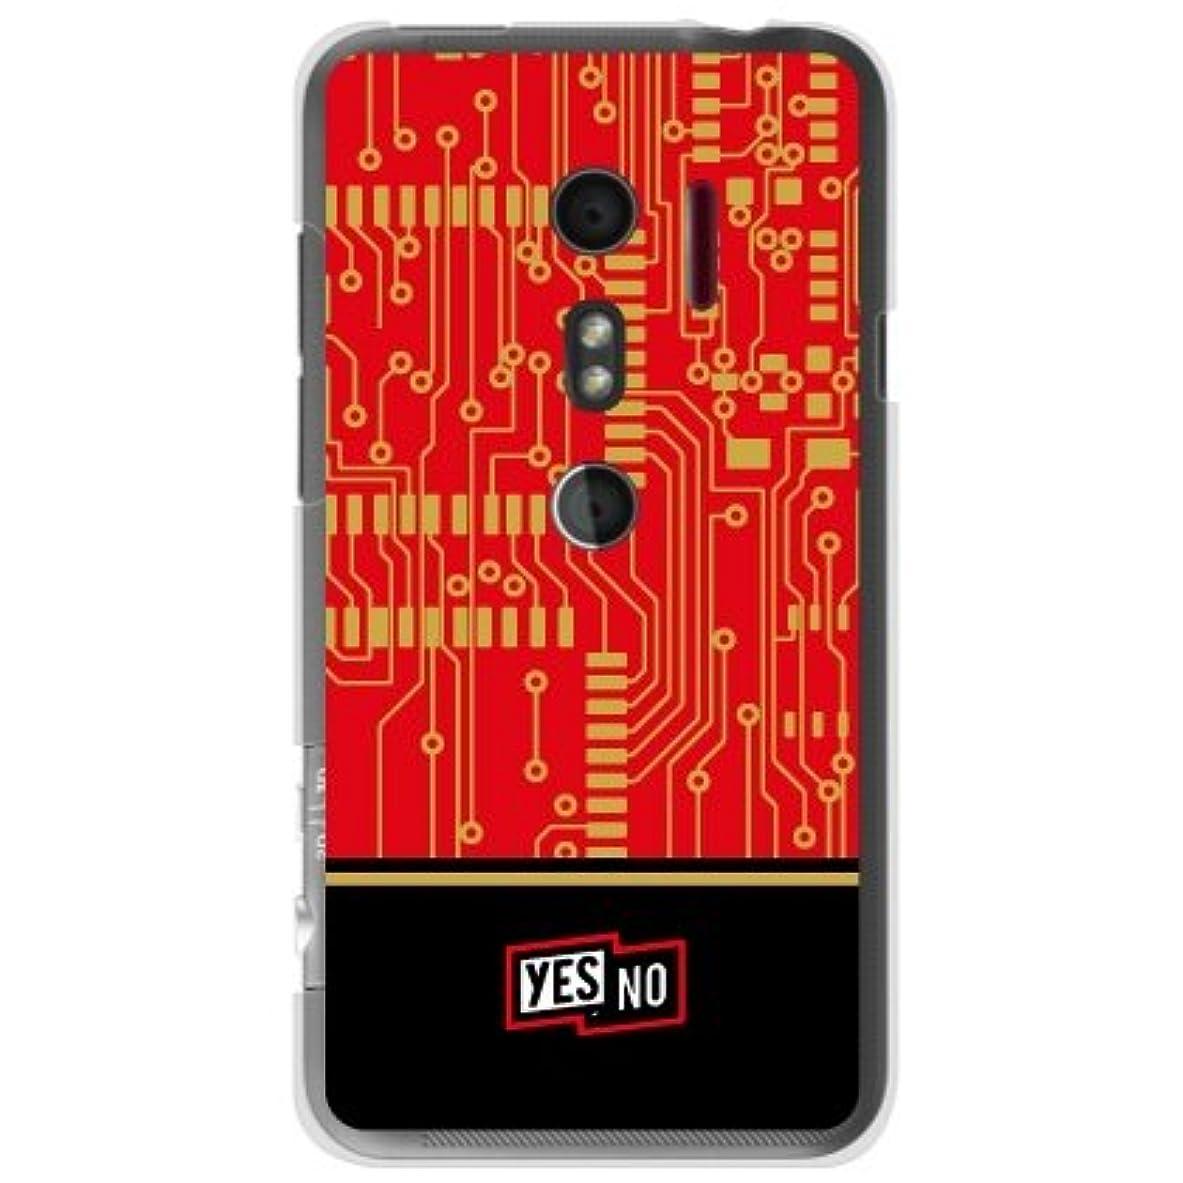 メアリアンジョーンズ賛美歌規定YESNO エレクトロボード レッド (クリア) / for HTC EVO 3D ISW12HT/au AHTEV3-PCCL-201-N116